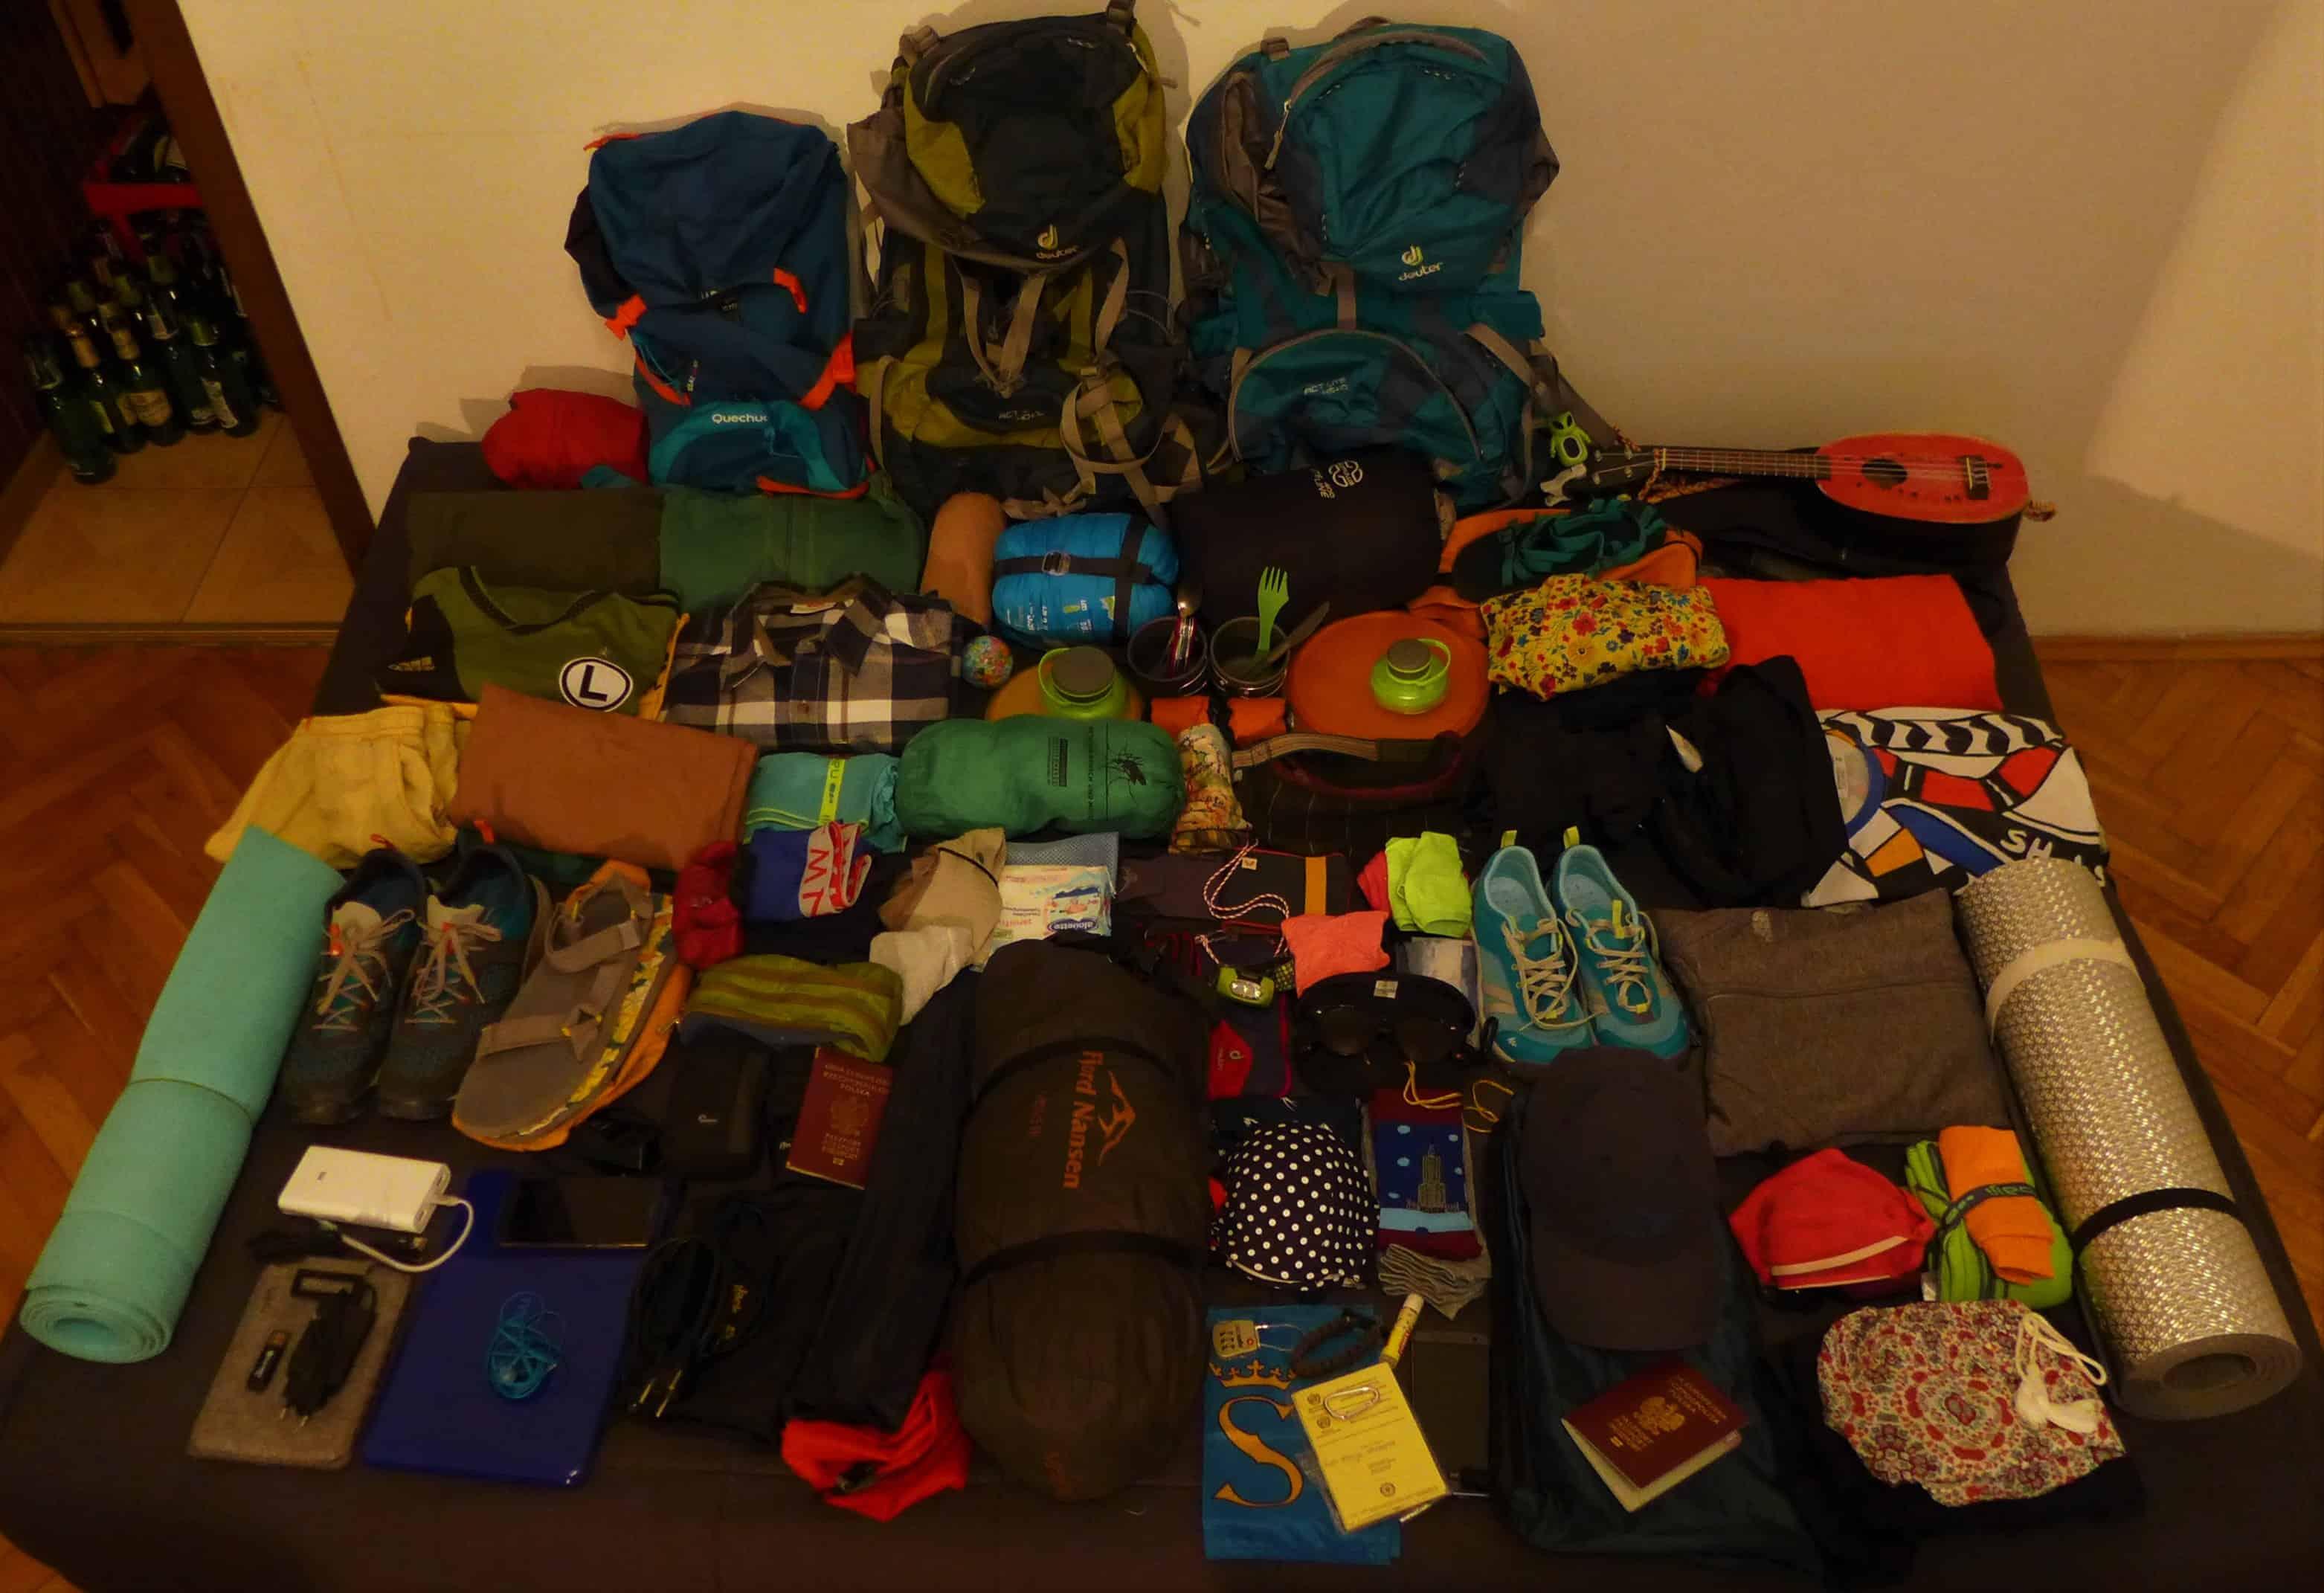 plecak do Azji, jak spakować plecak na podróż